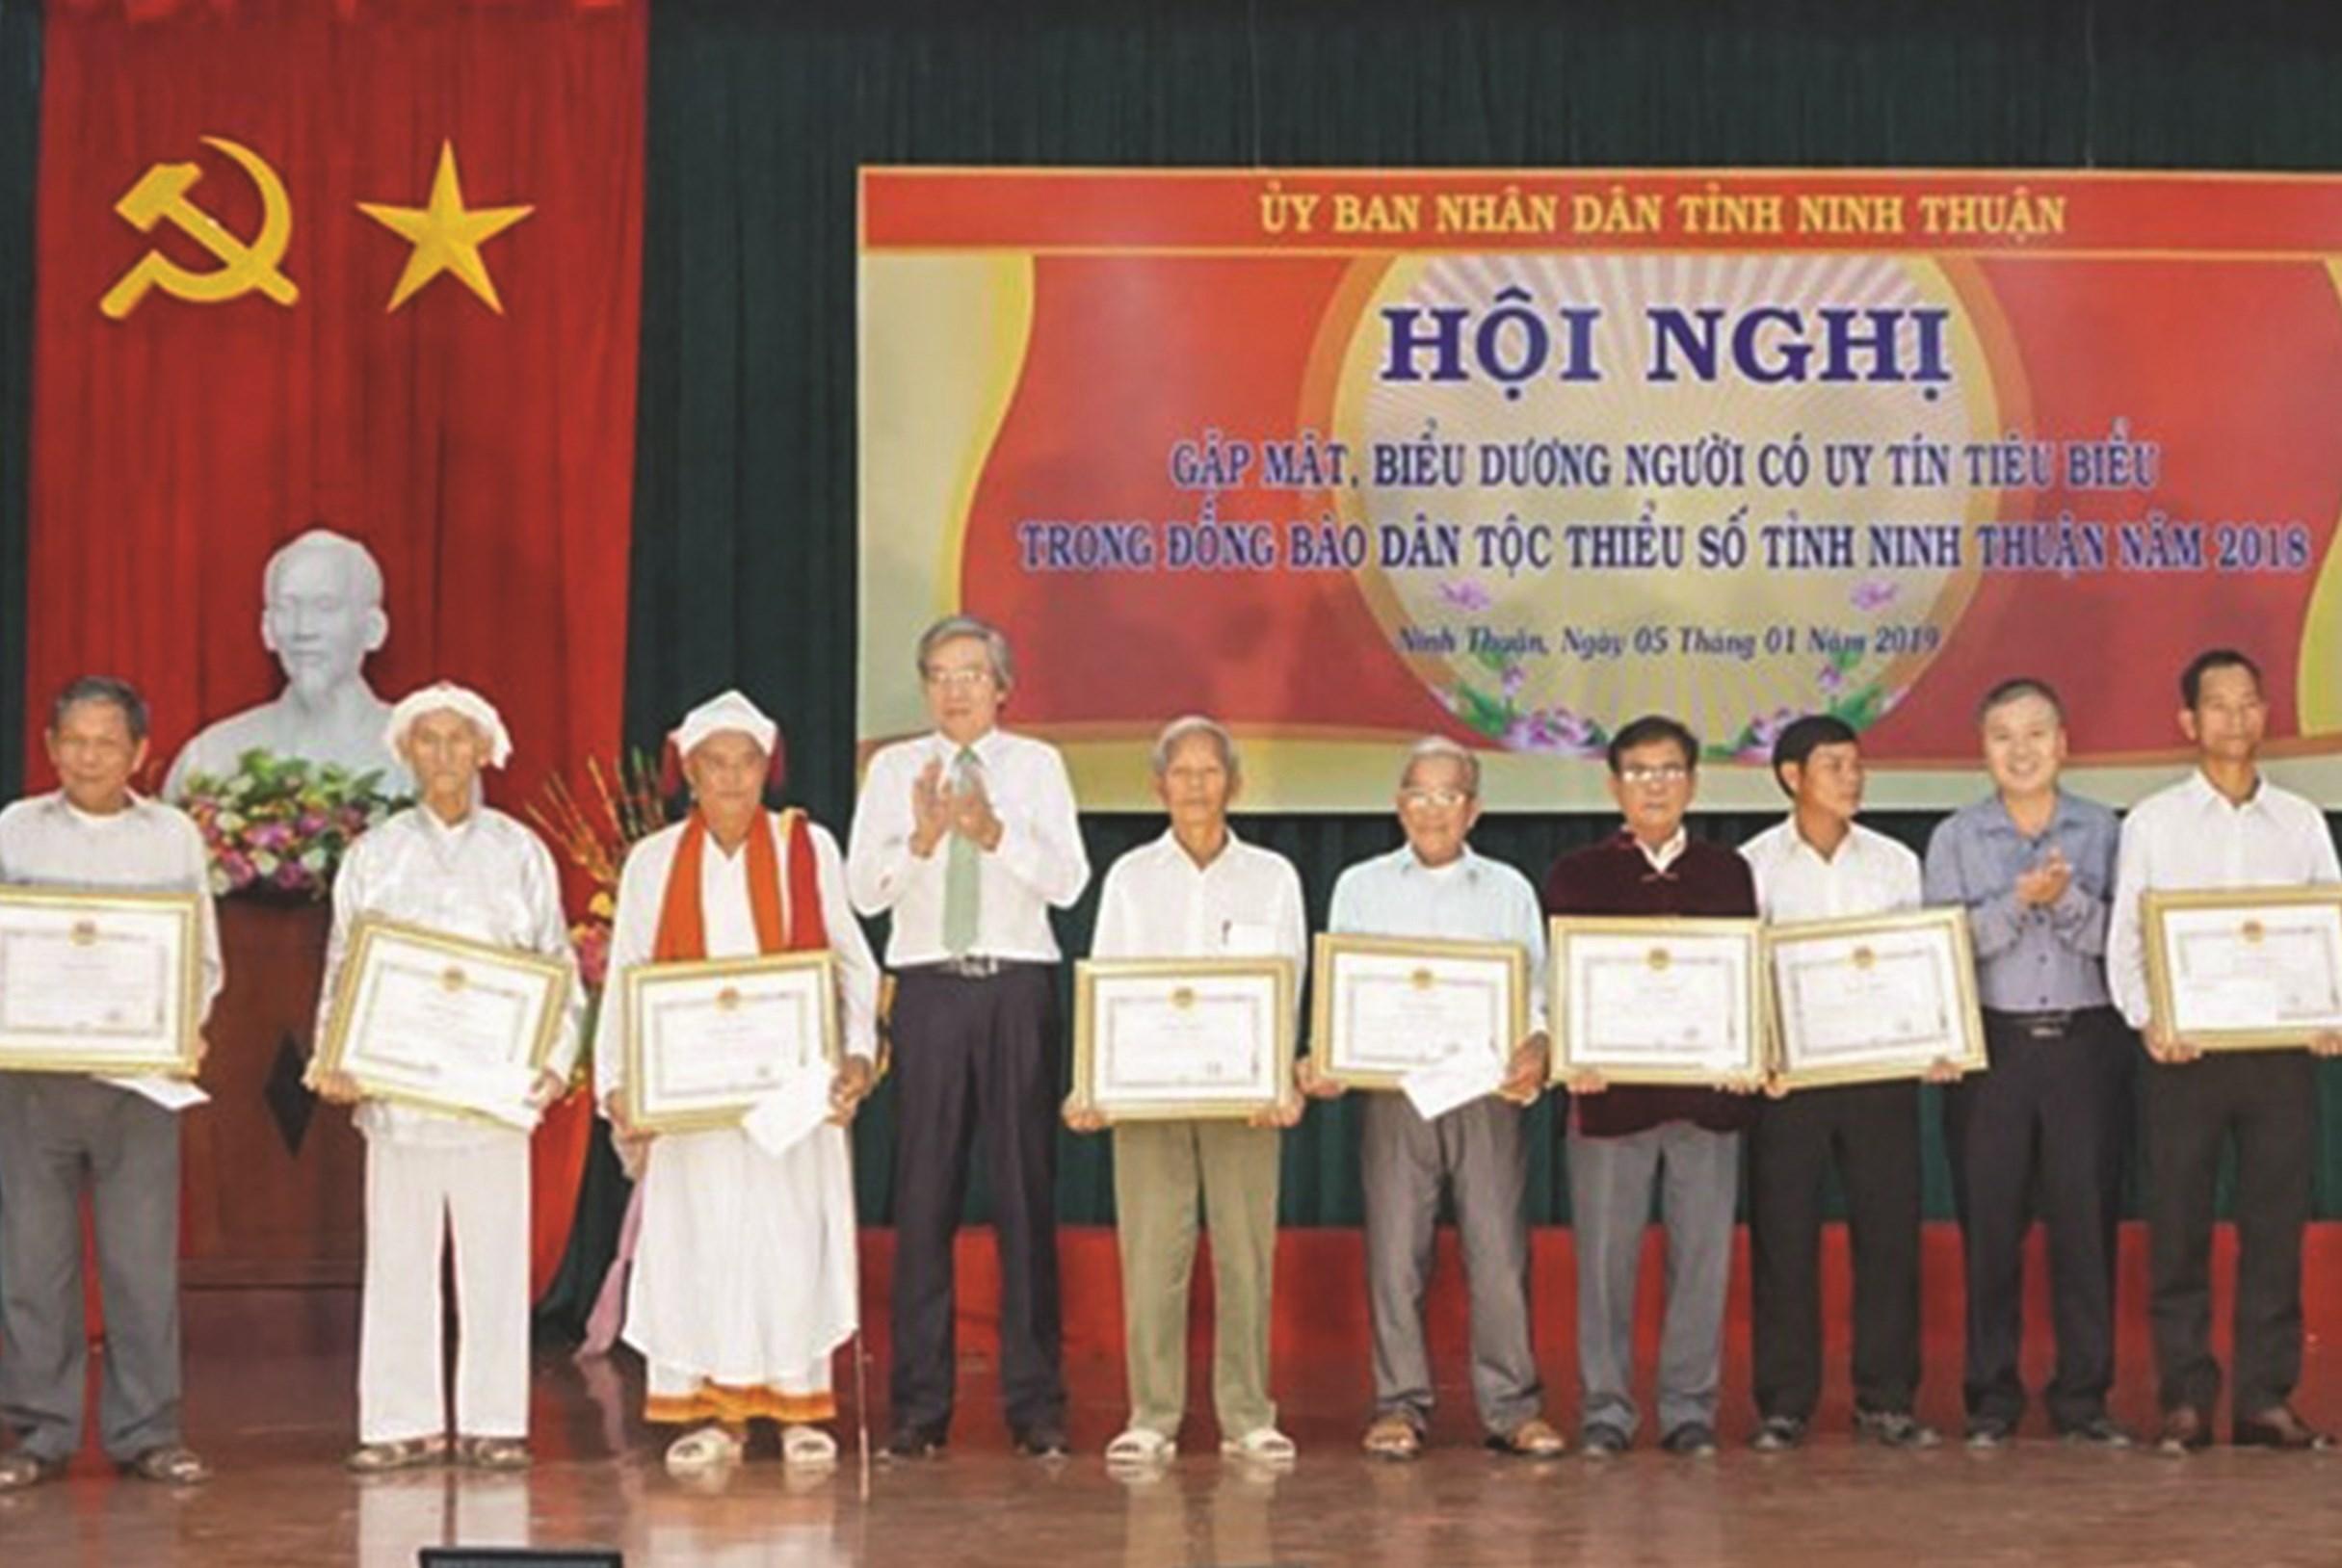 Lãnh đạo tỉnh Ninh Thuận trao Bằng khen cho Người có uy tín đạt thành tích xuất sắc tiêu biểu